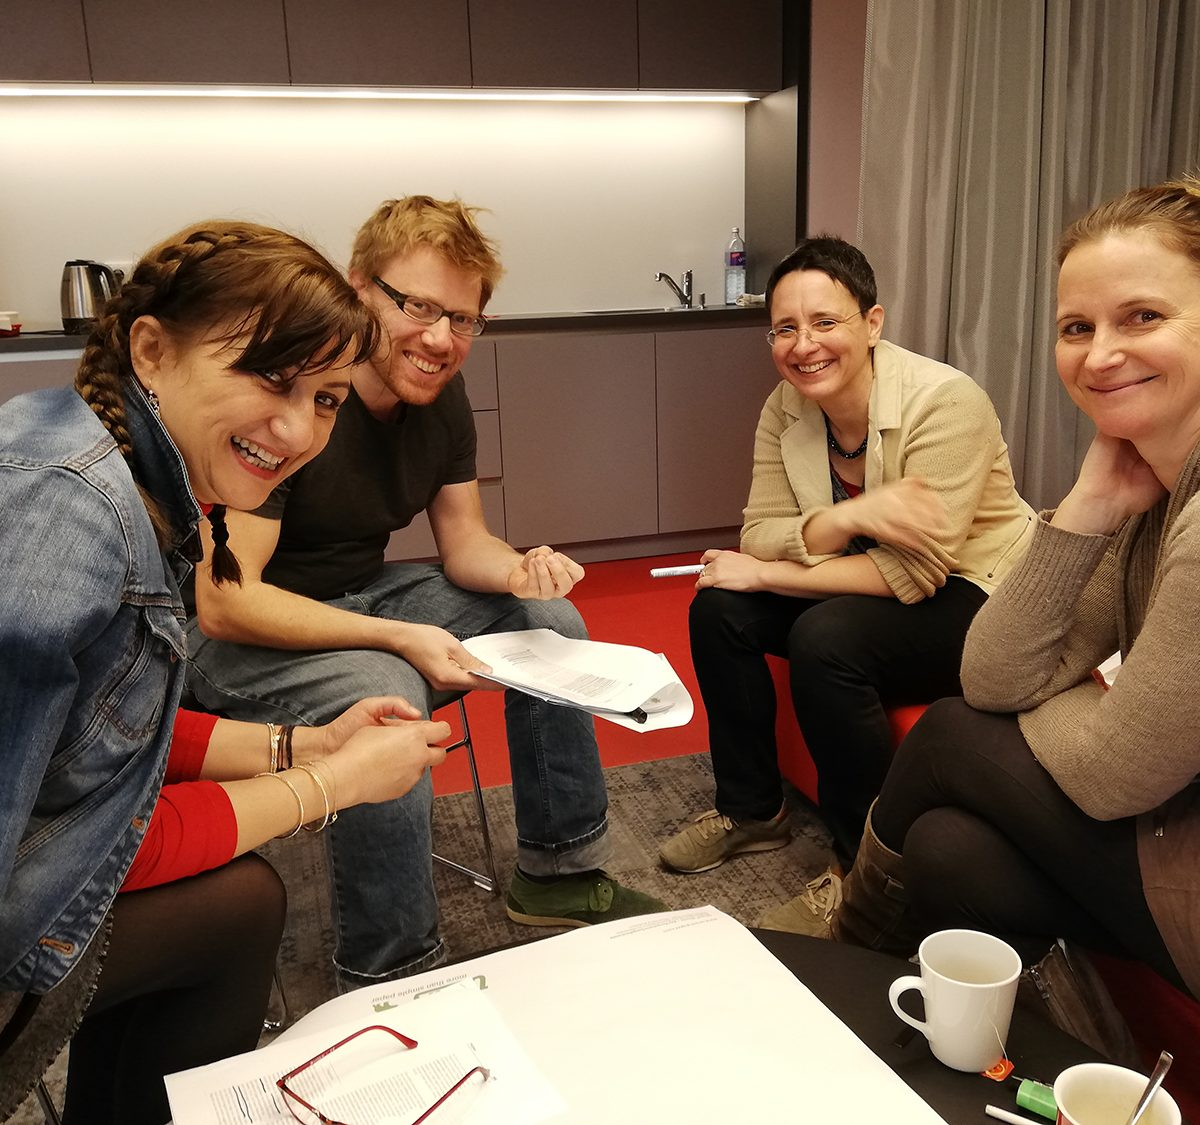 Vier Personen sitzen vor einer Küchenzeile im Halbkreis und lachen in die Kamera